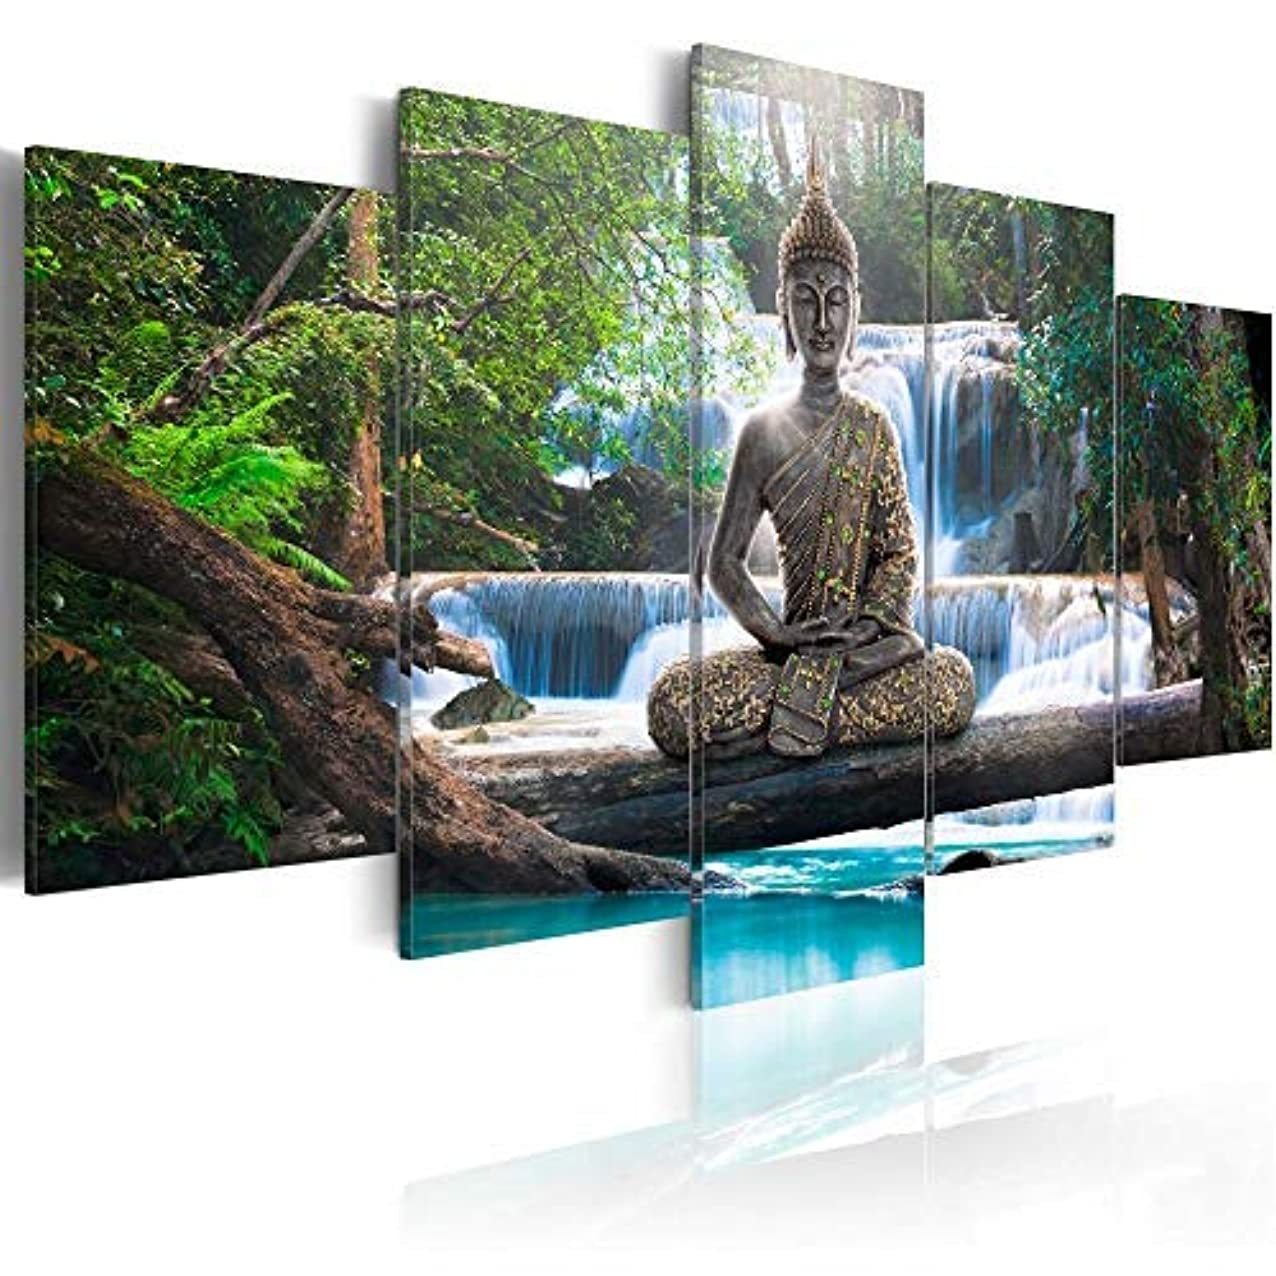 バレーボール直感スポークスマンCanvas Print Design Wall Art Painting Decor Zen Decorations for Home Buddha Landscape Artwork Pictures Bedroom (Green, Over Size 60''x30'') [並行輸入品]